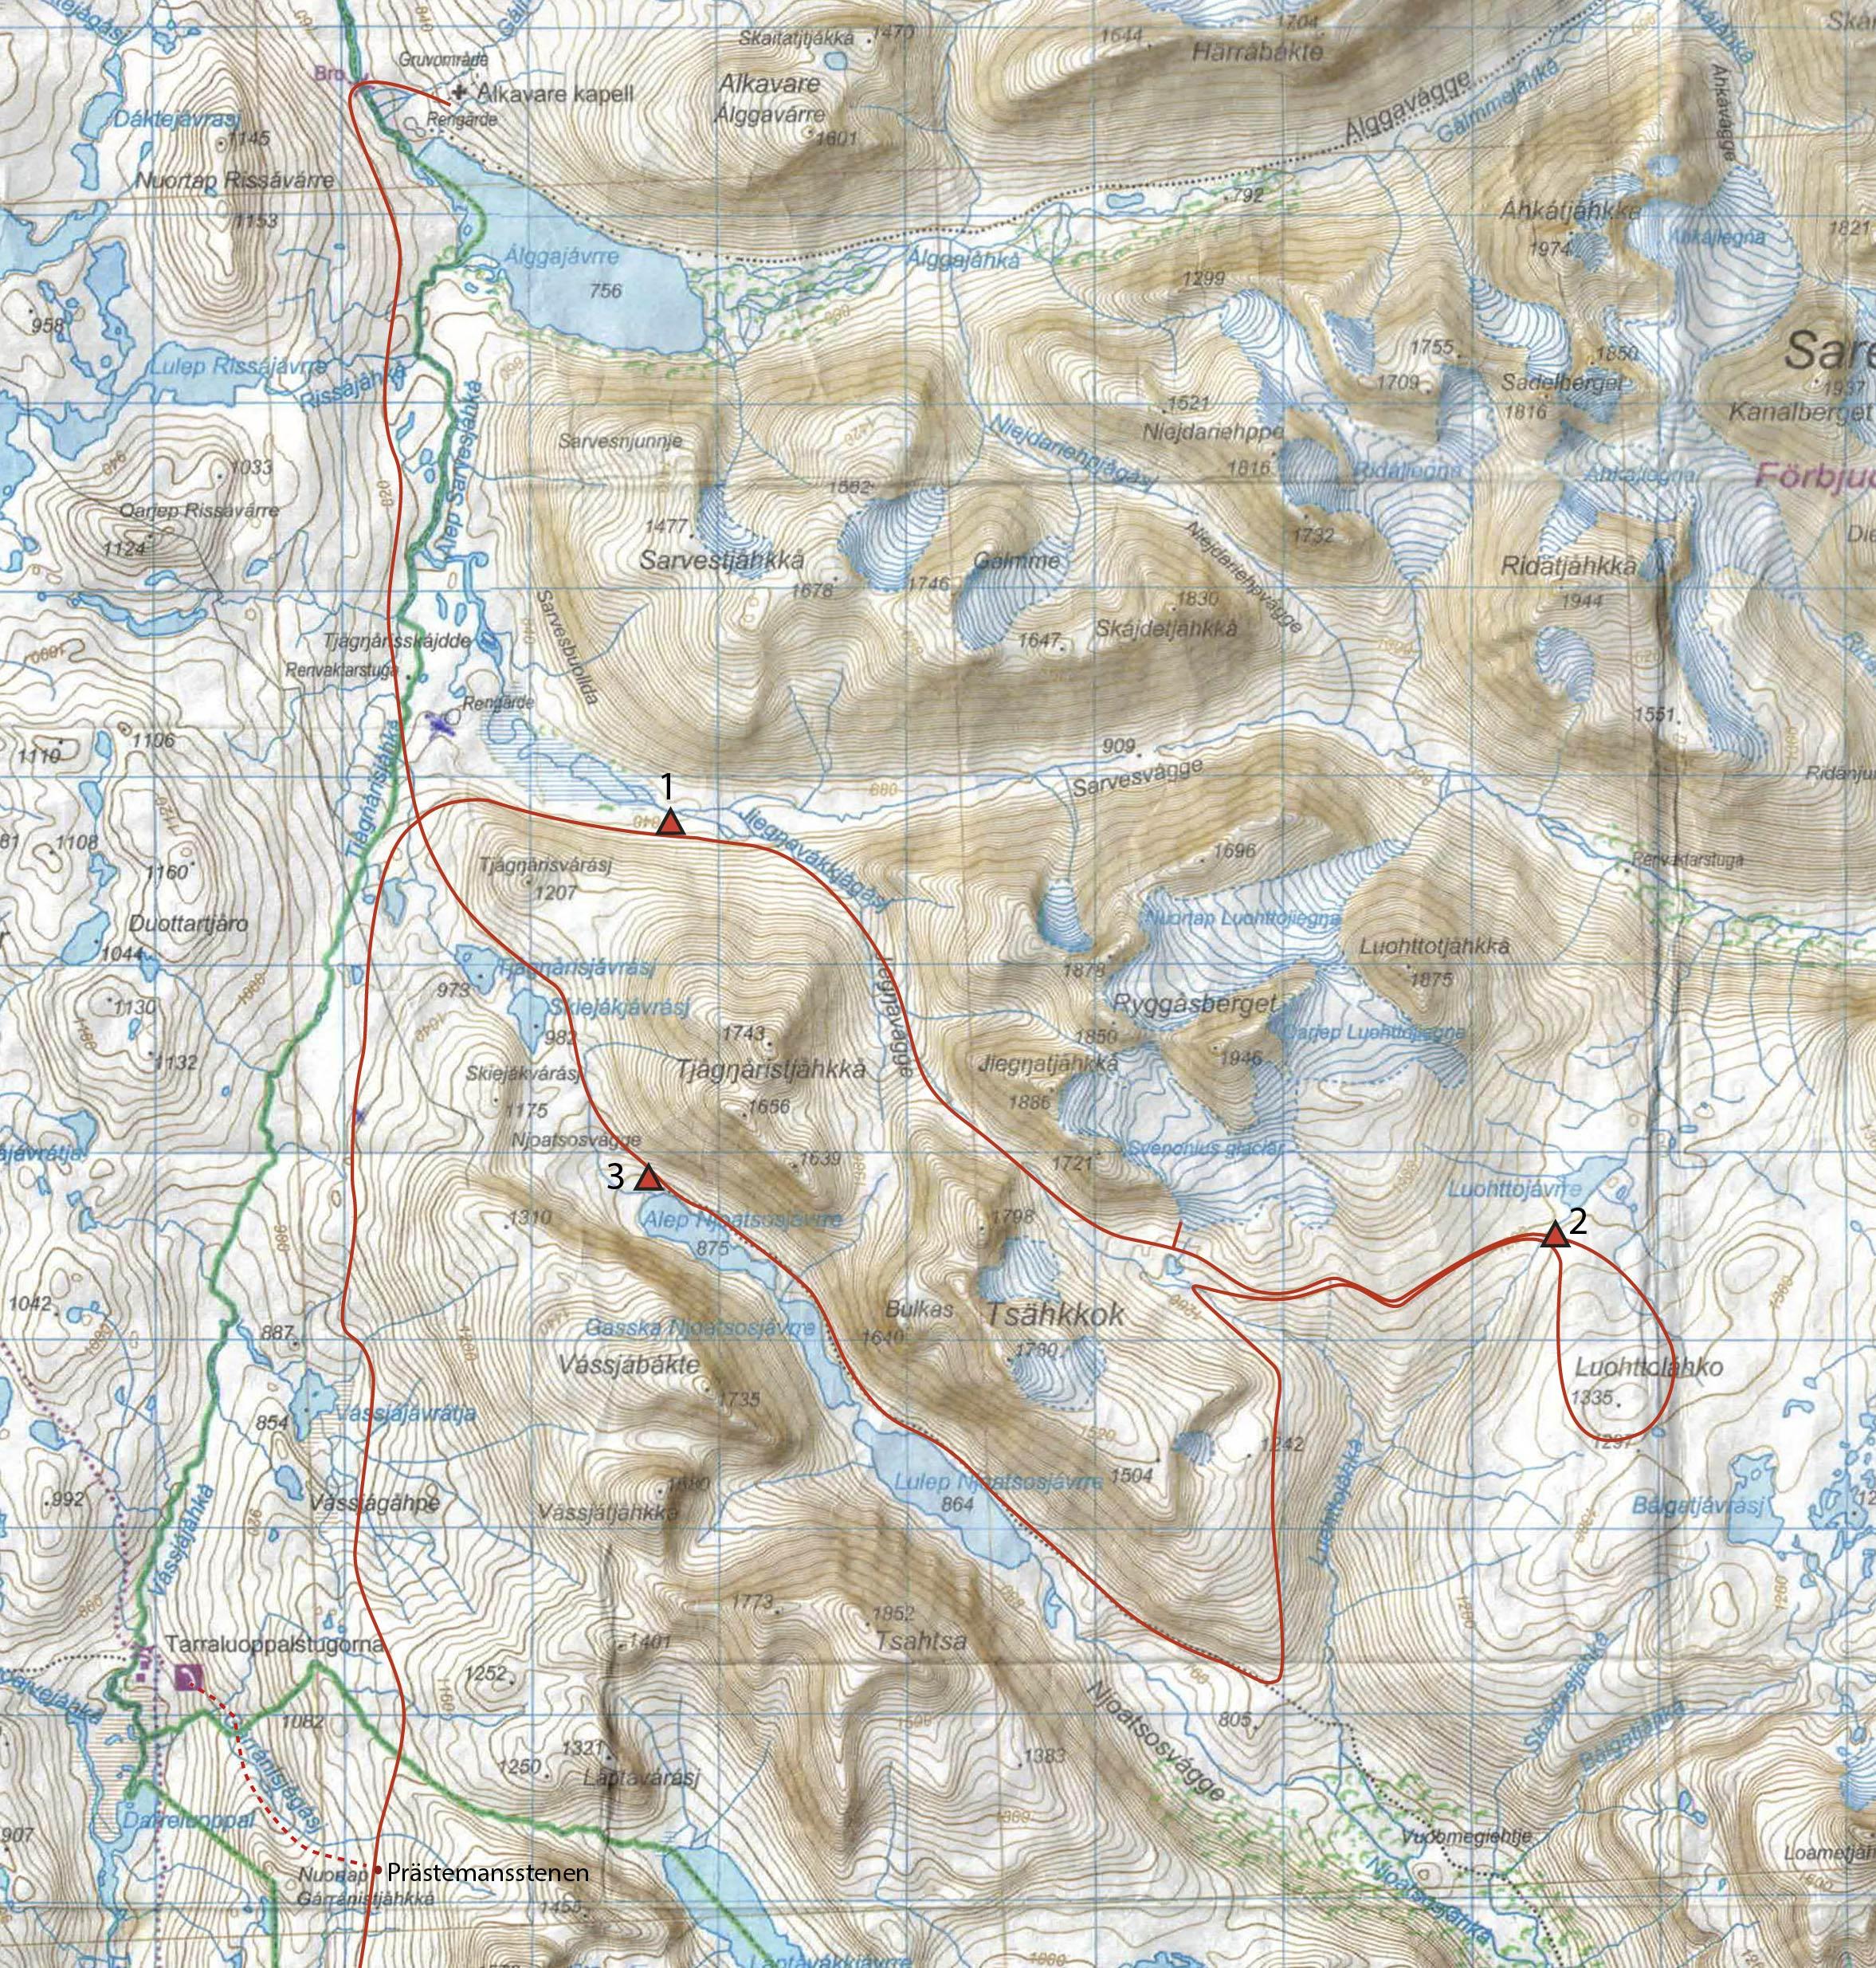 20-07-01, karta över Präststigen och Sarek 1.jpg